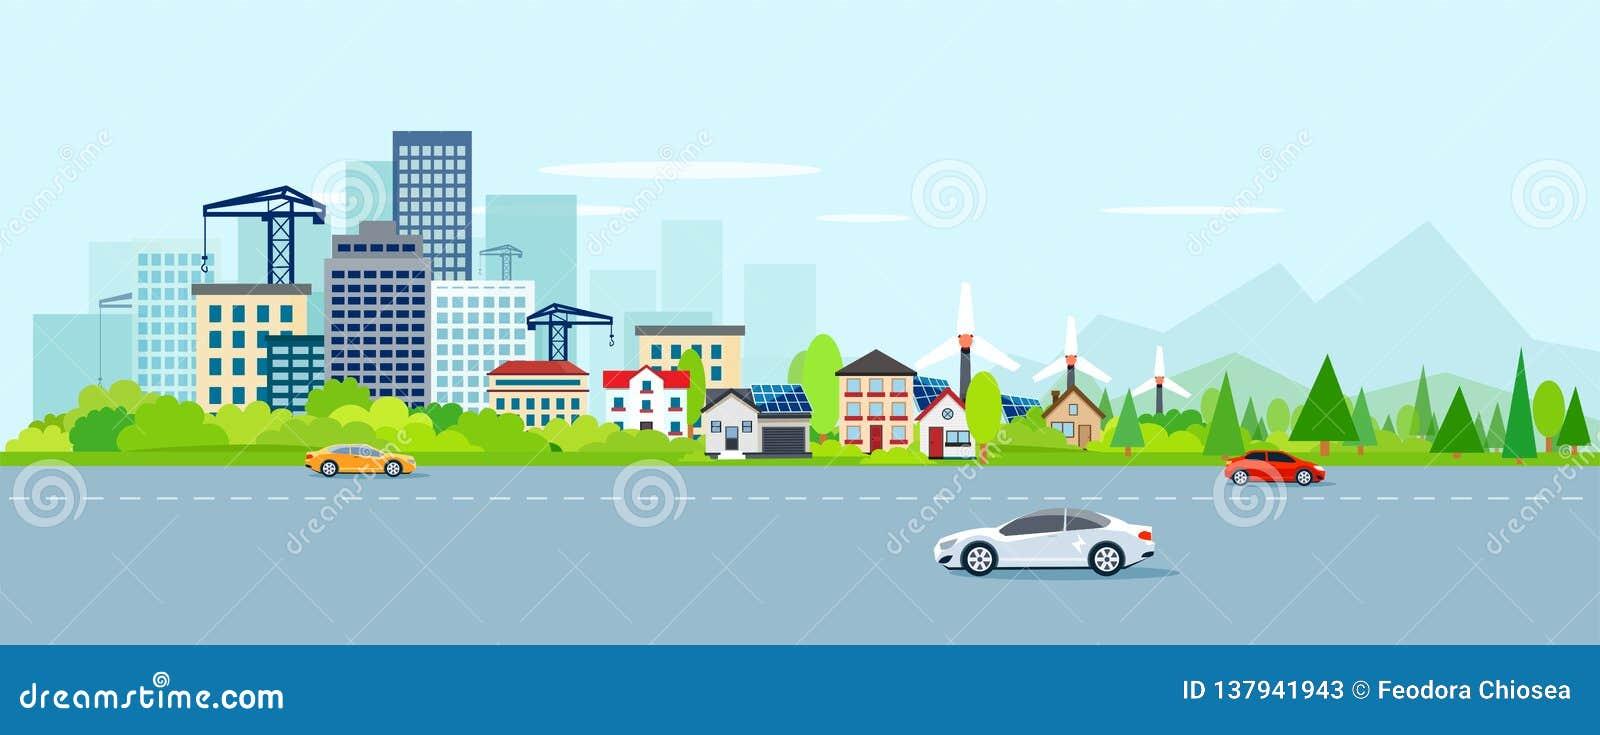 Вектор городского ландшафта с современными городским пейзажем и пригородами